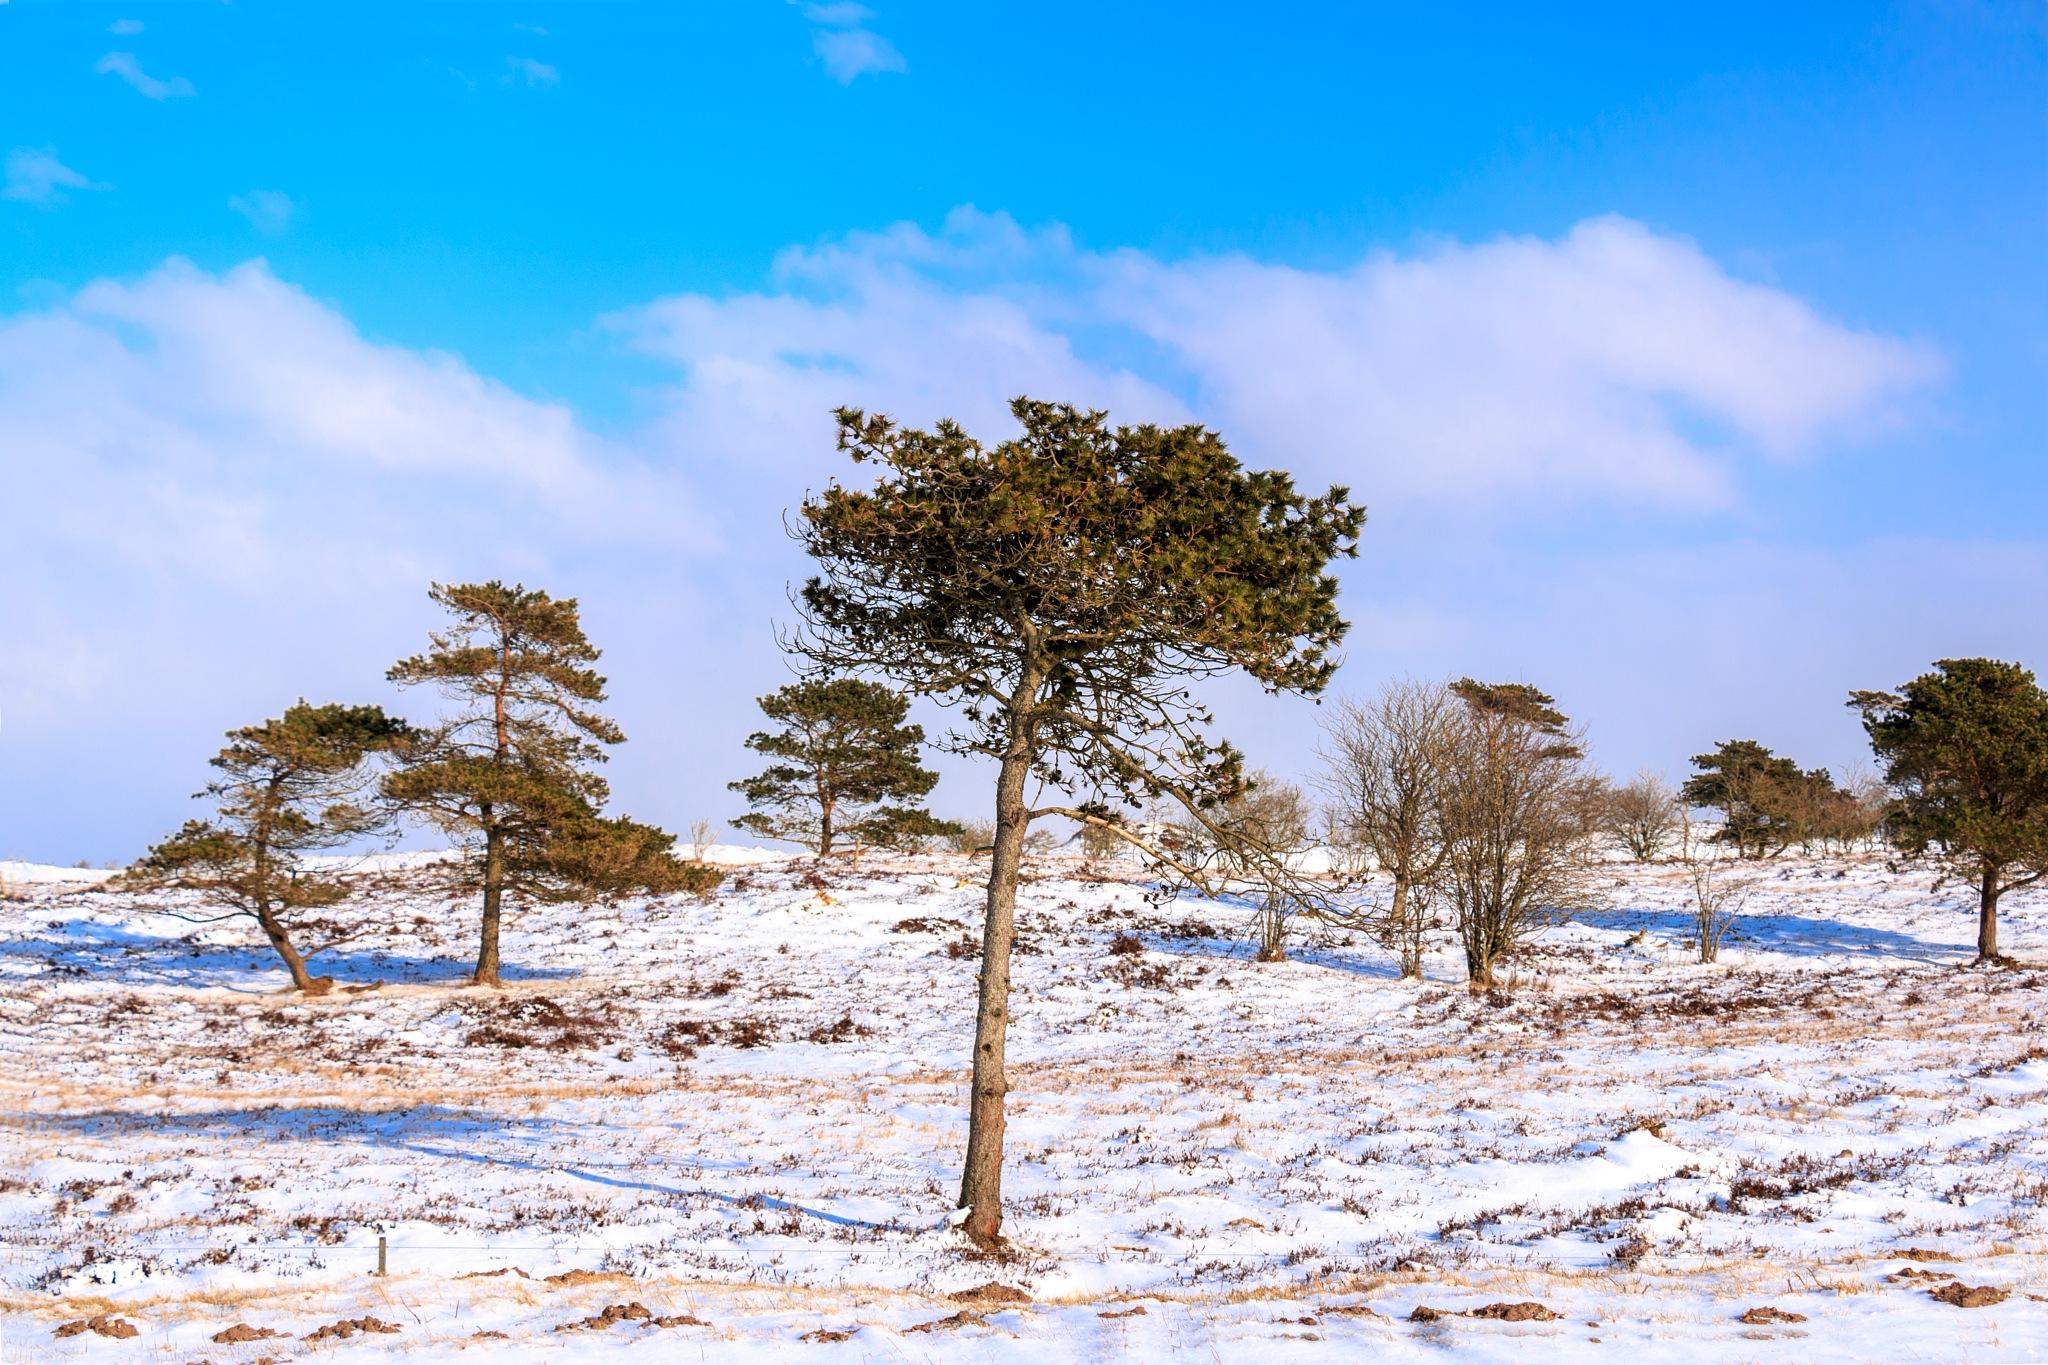 Winter by Karsten Larsen